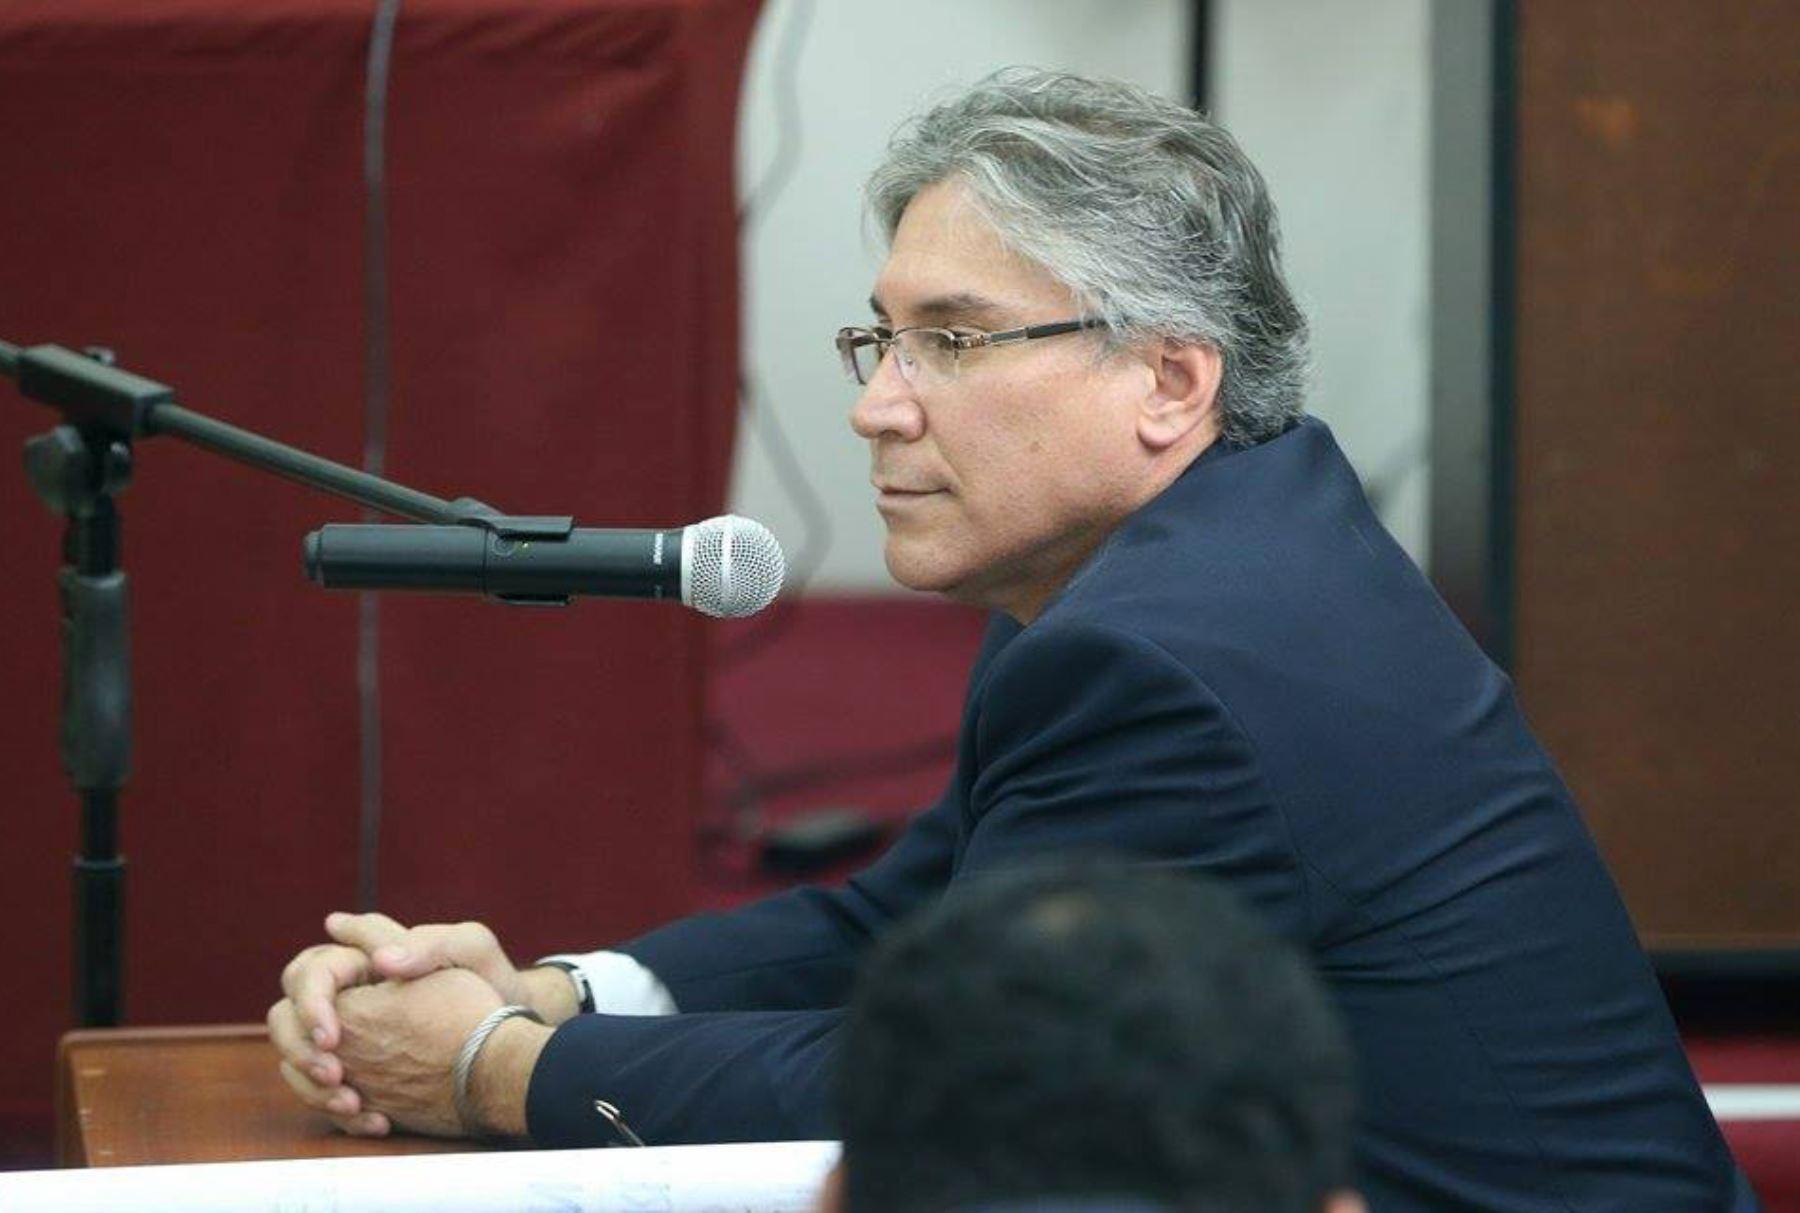 El exministro de Justicia, Aurelio Pastor declara ante juzgado por el caso narcoindultos. ANDINA/Oscar Farje